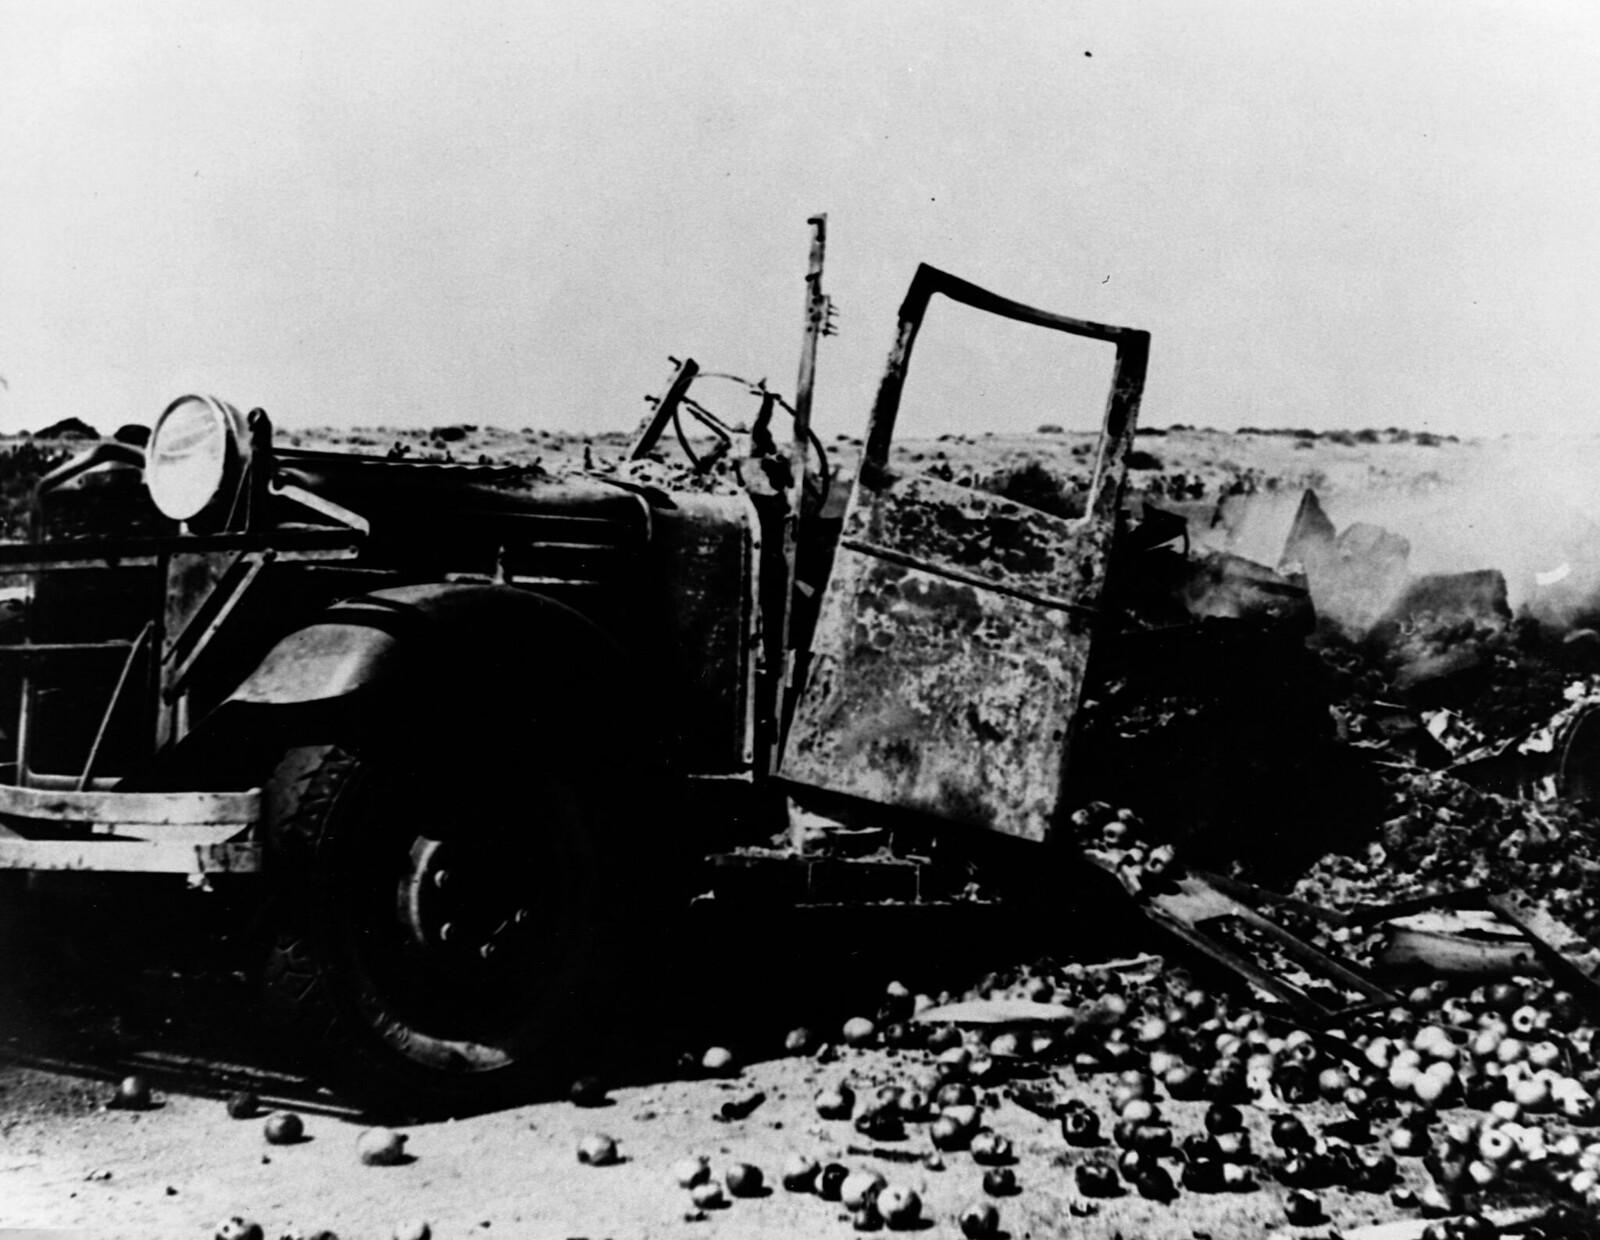 02. 1938.Распотрошенные останки еврейского грузовика с фруктами на дороге между Хайфой и Бейрутом. Арабские террористы убили еврейского водителя и пассажиров, а также сожгли грузовик. Октябрь